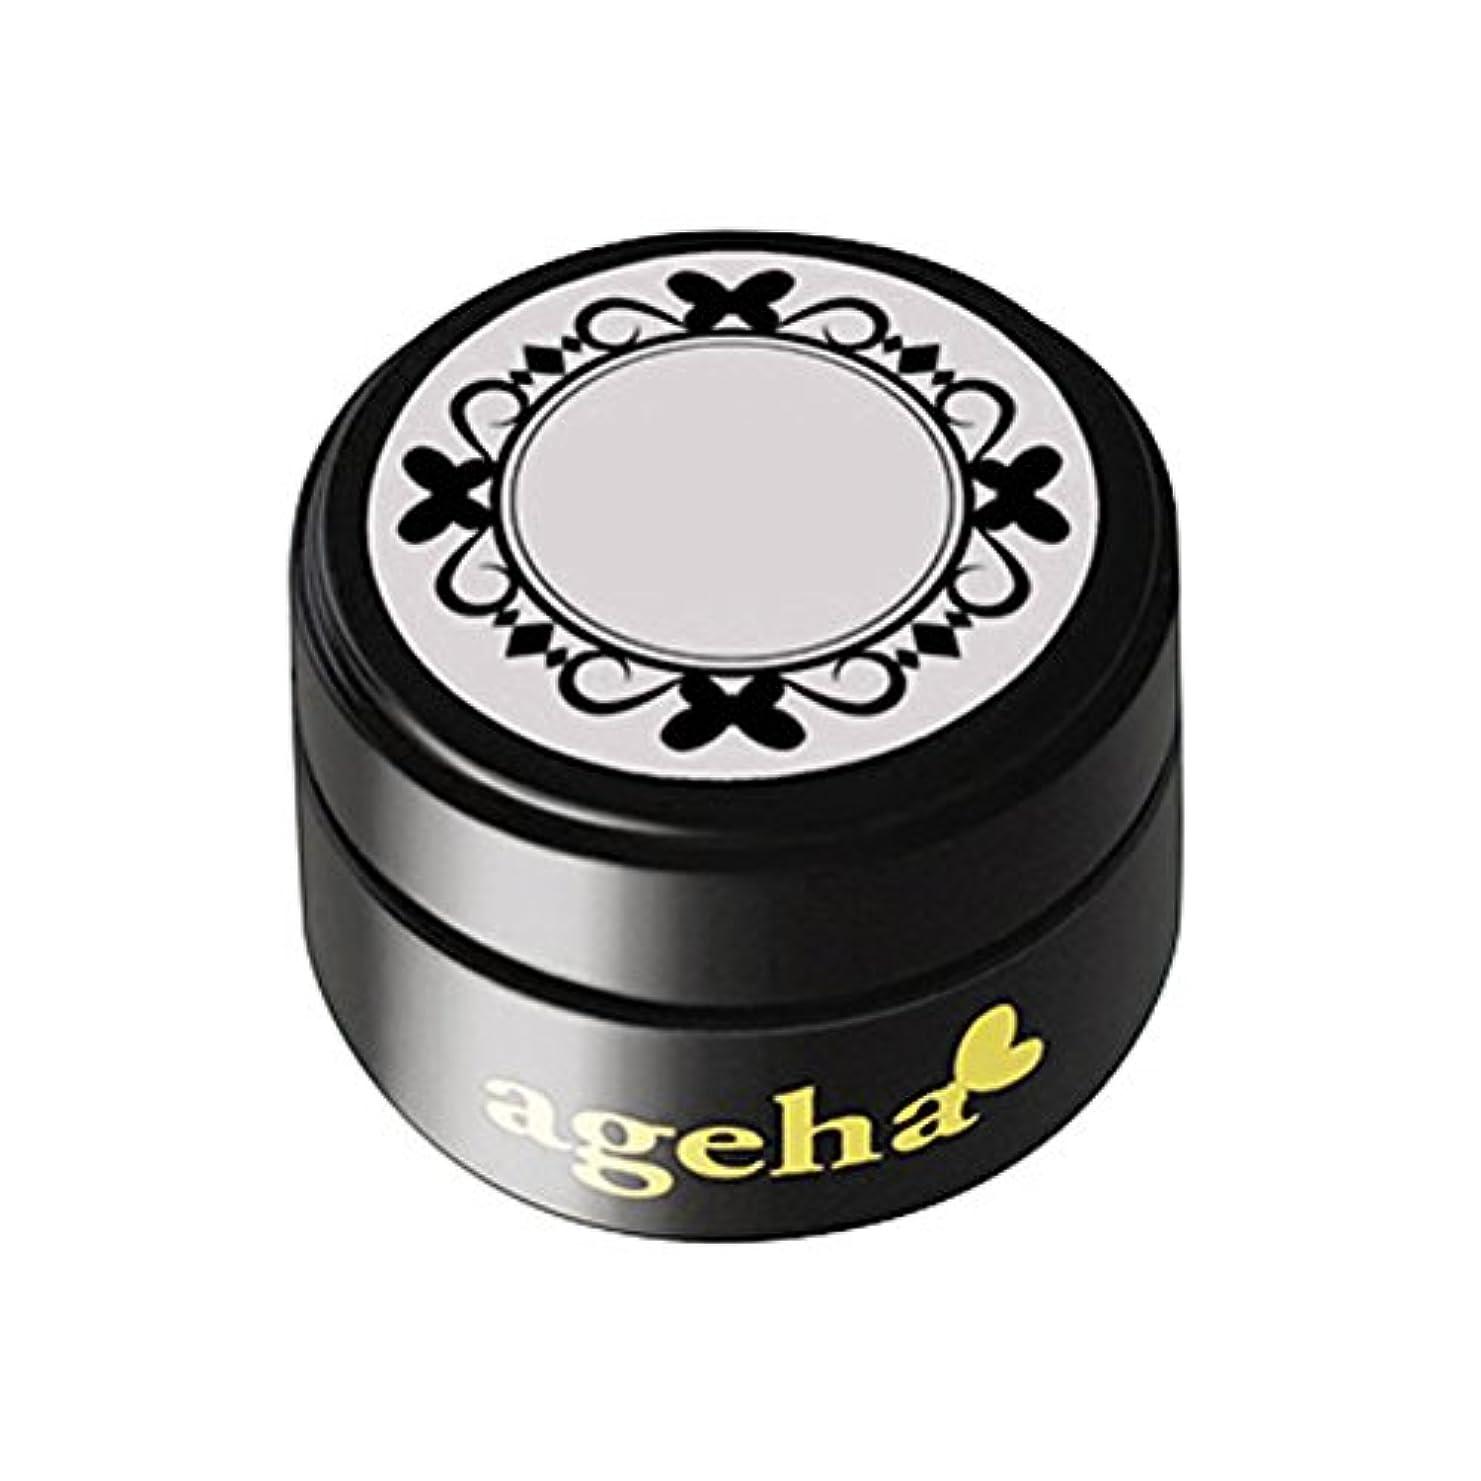 寂しい観光発行ageha gel カラージェル コスメカラー 205 ダークレッド 2.7g UV/LED対応